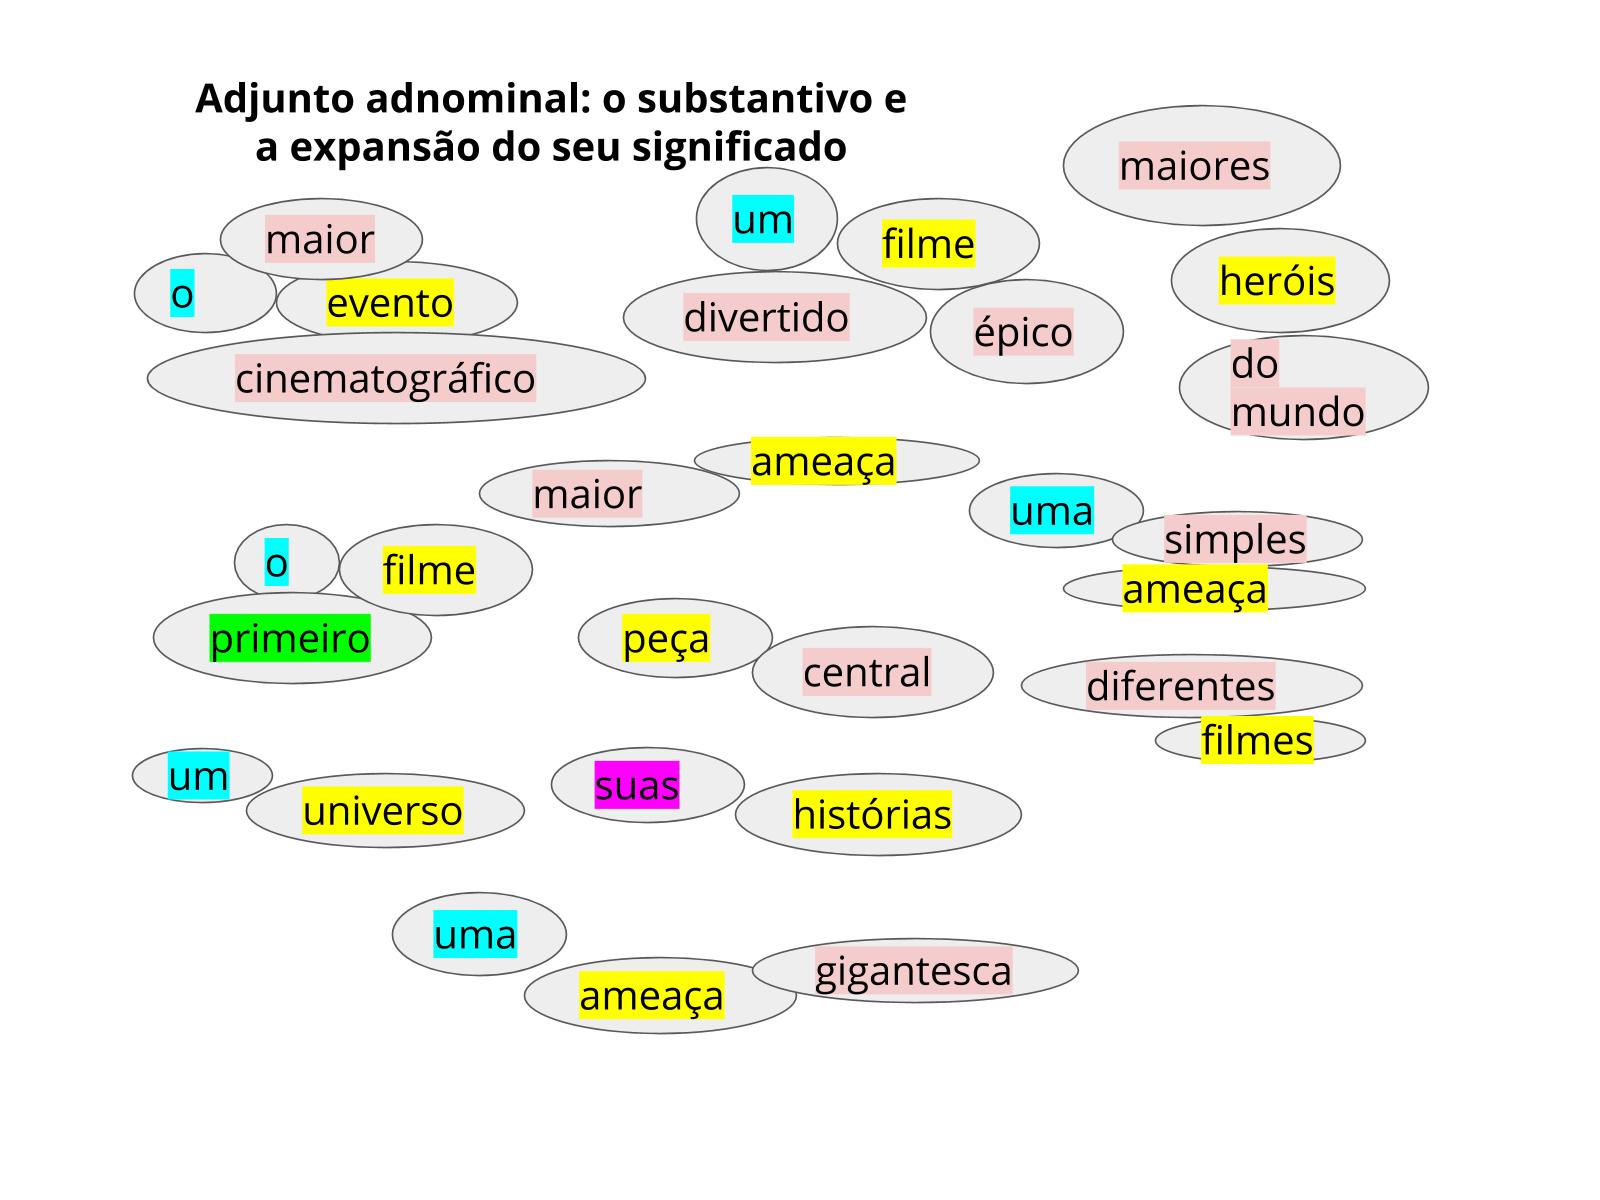 Reconhecendo os adjuntos adnominais e suas funções em uma resenha crítica